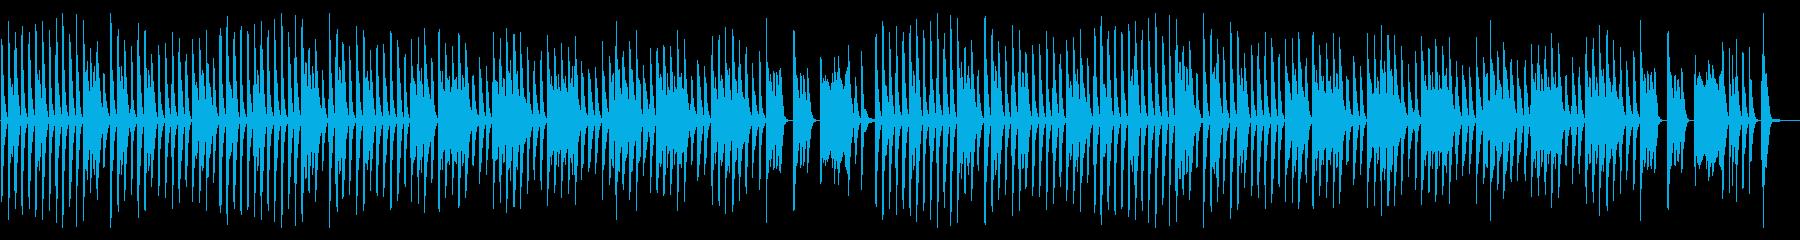 シンプルでほのぼのしたキッズ向けピアノ曲の再生済みの波形